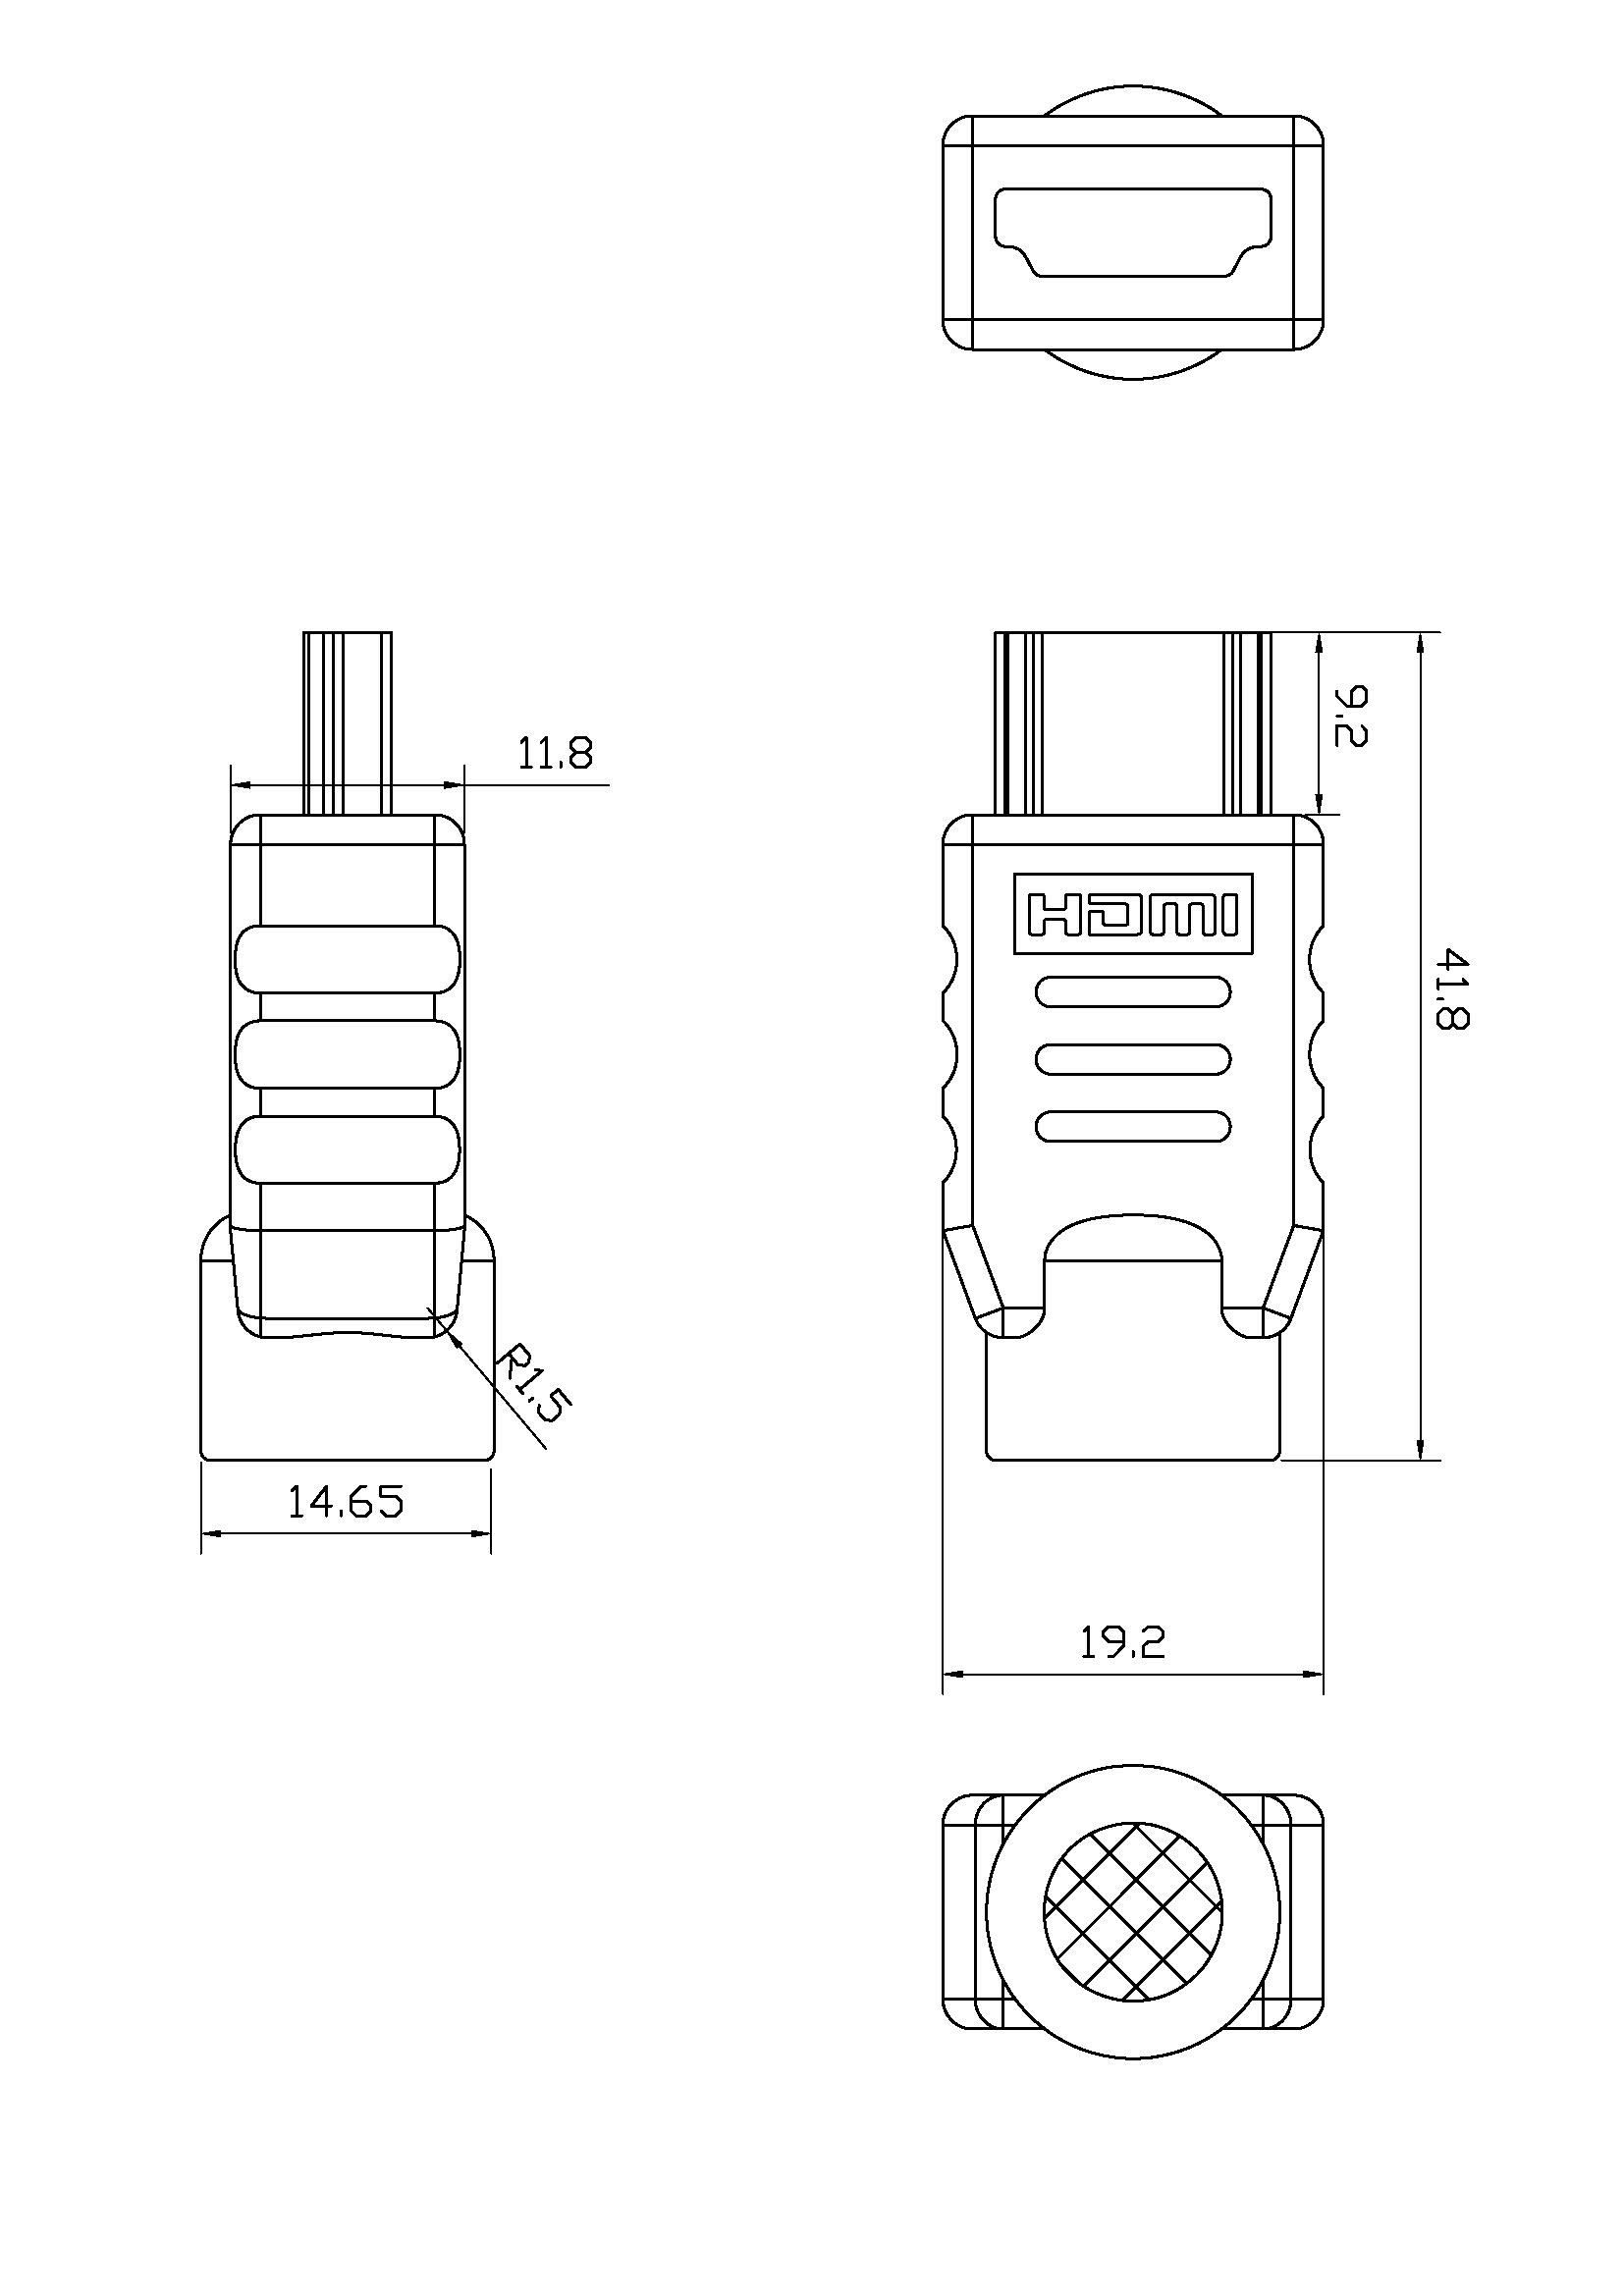 Wiring Diagram Hdmi Plug